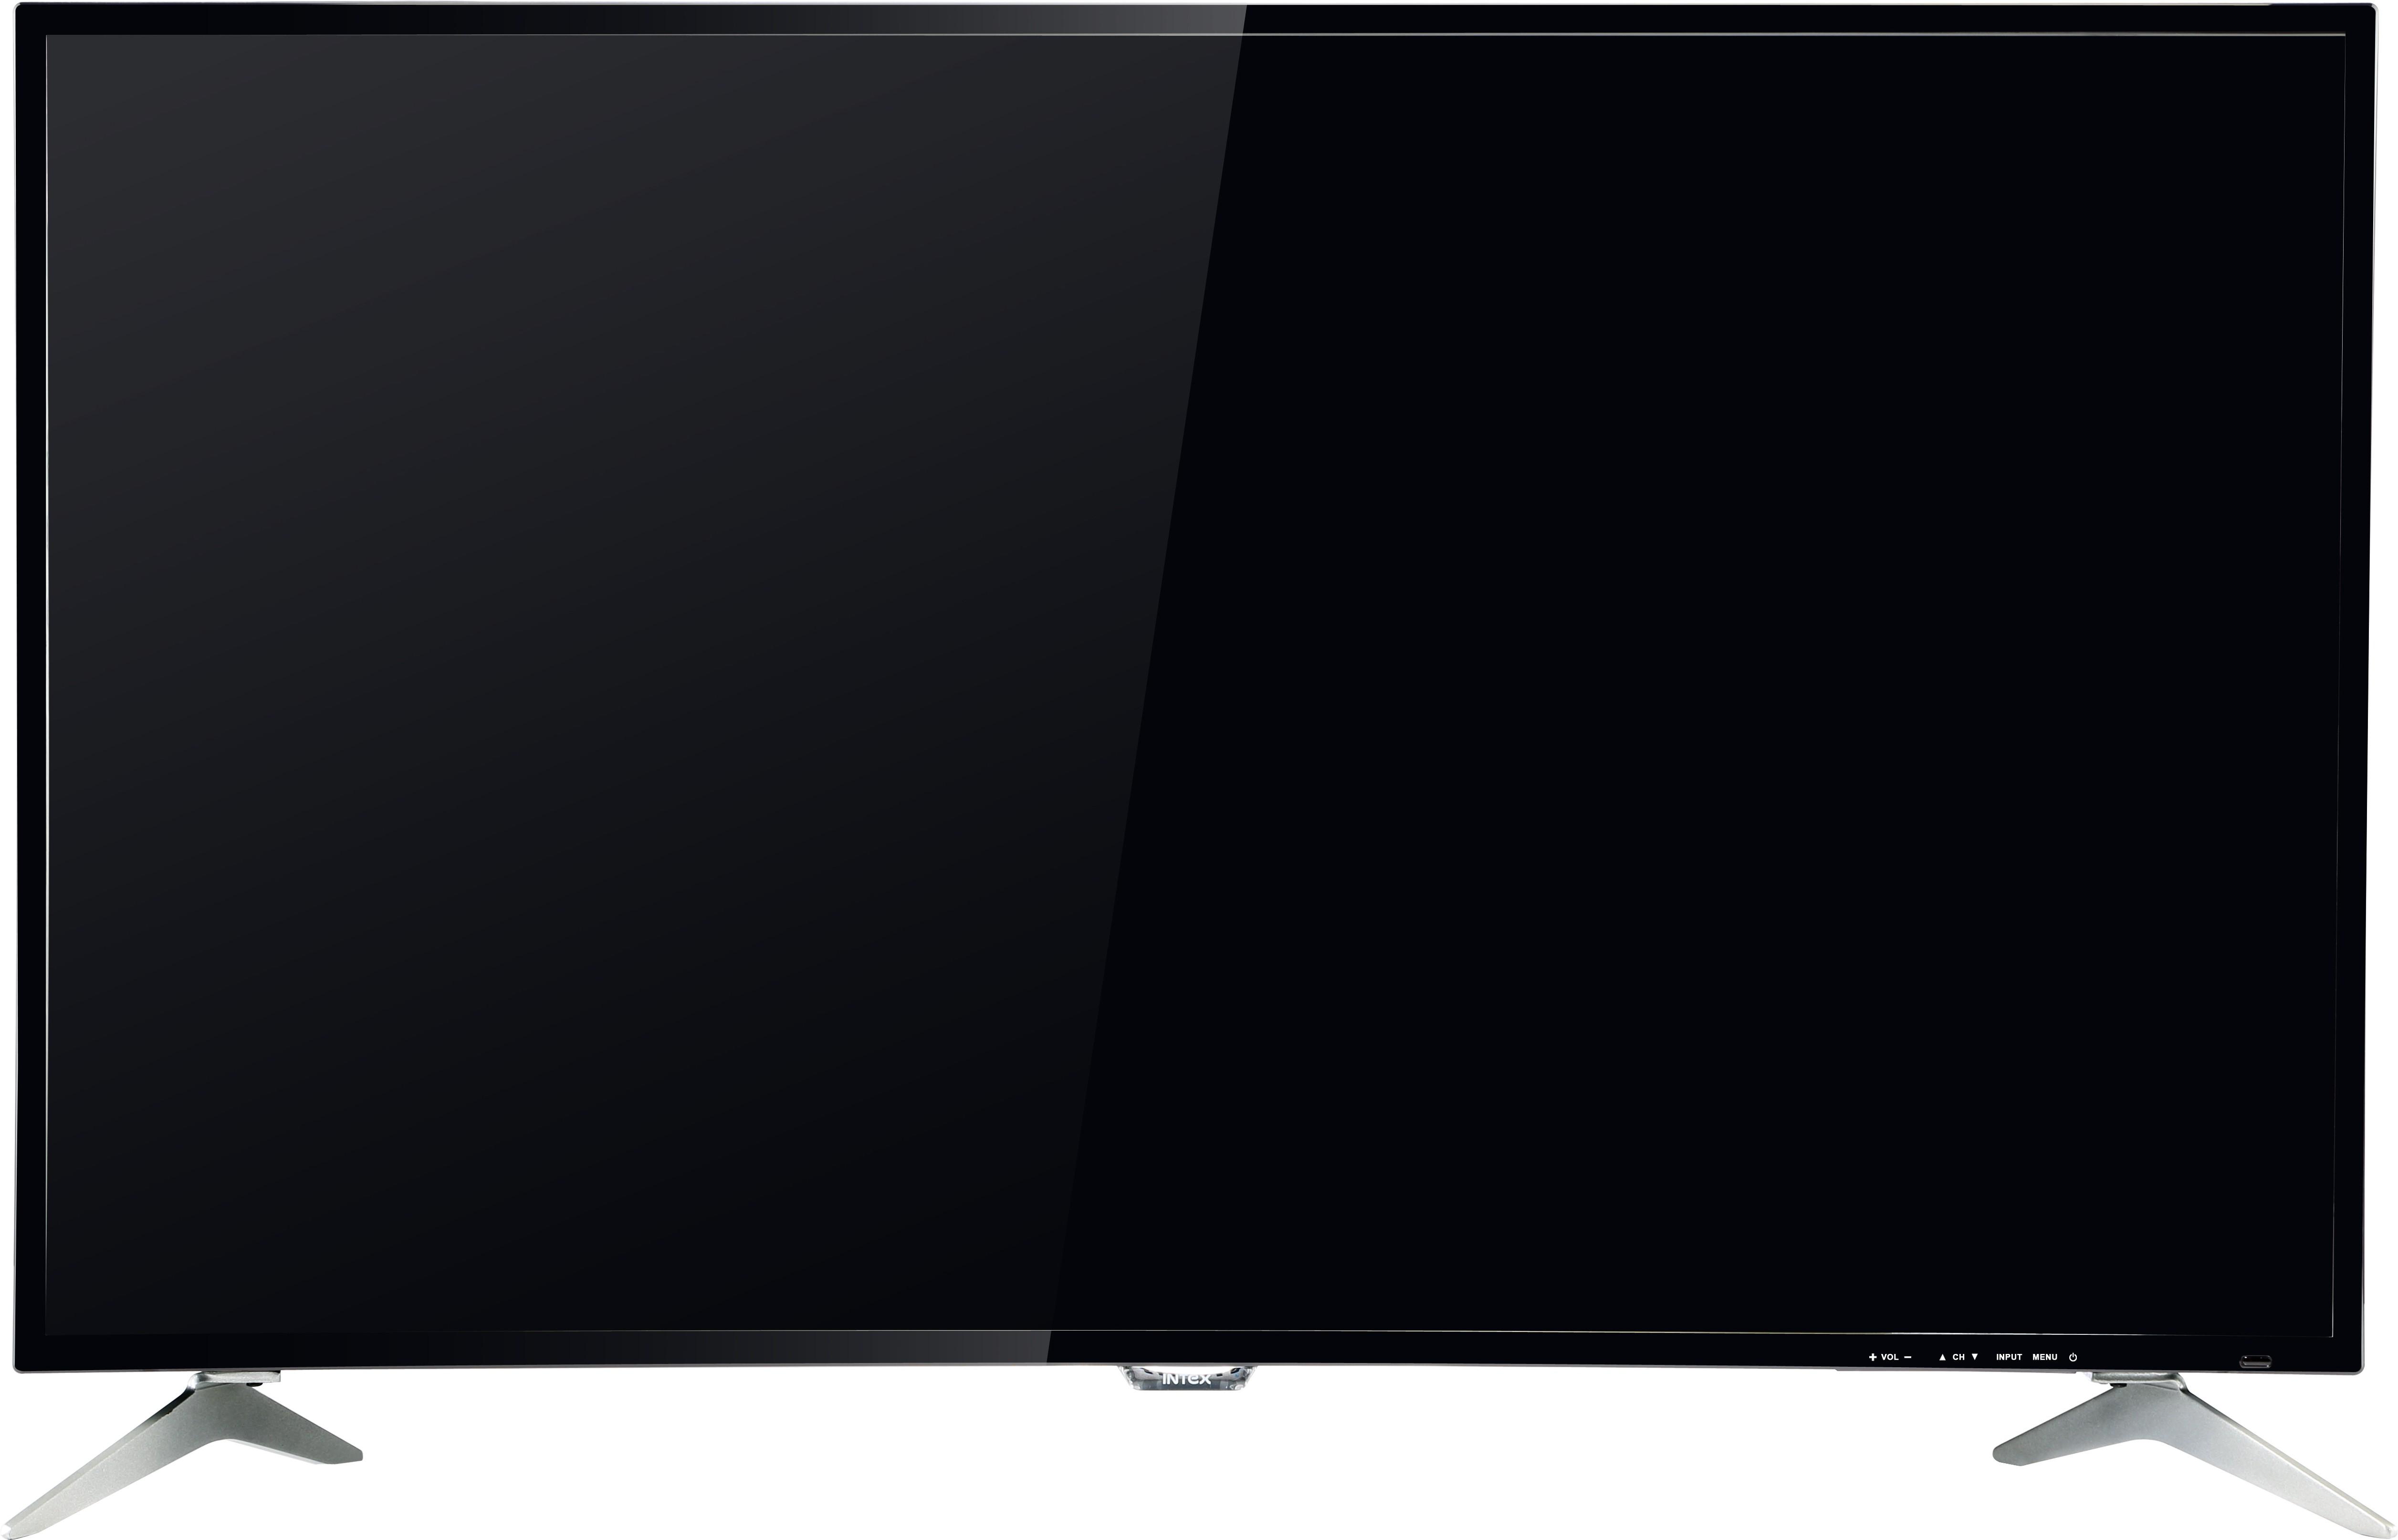 INTEX LED 5012 49 Inches Full HD LED TV